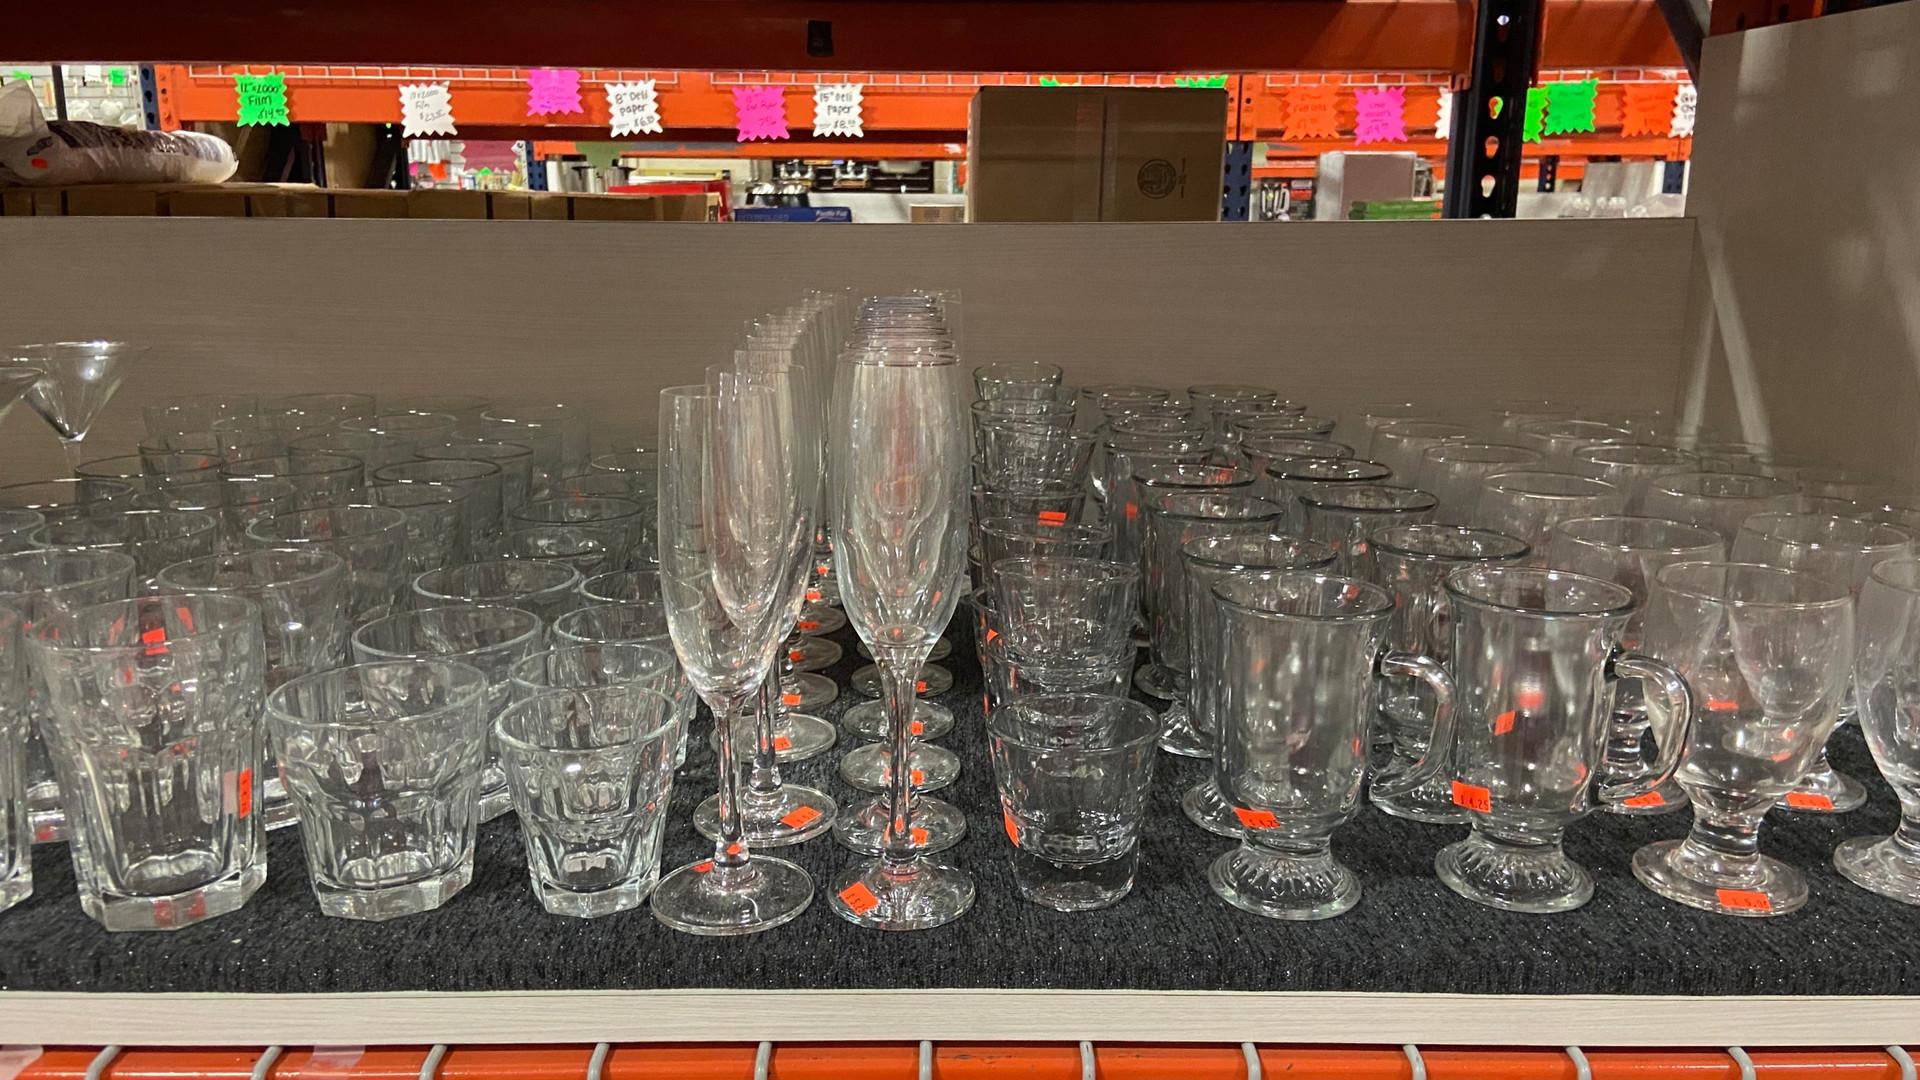 Glassware%2C%20tumblers%2C%20champagne%2